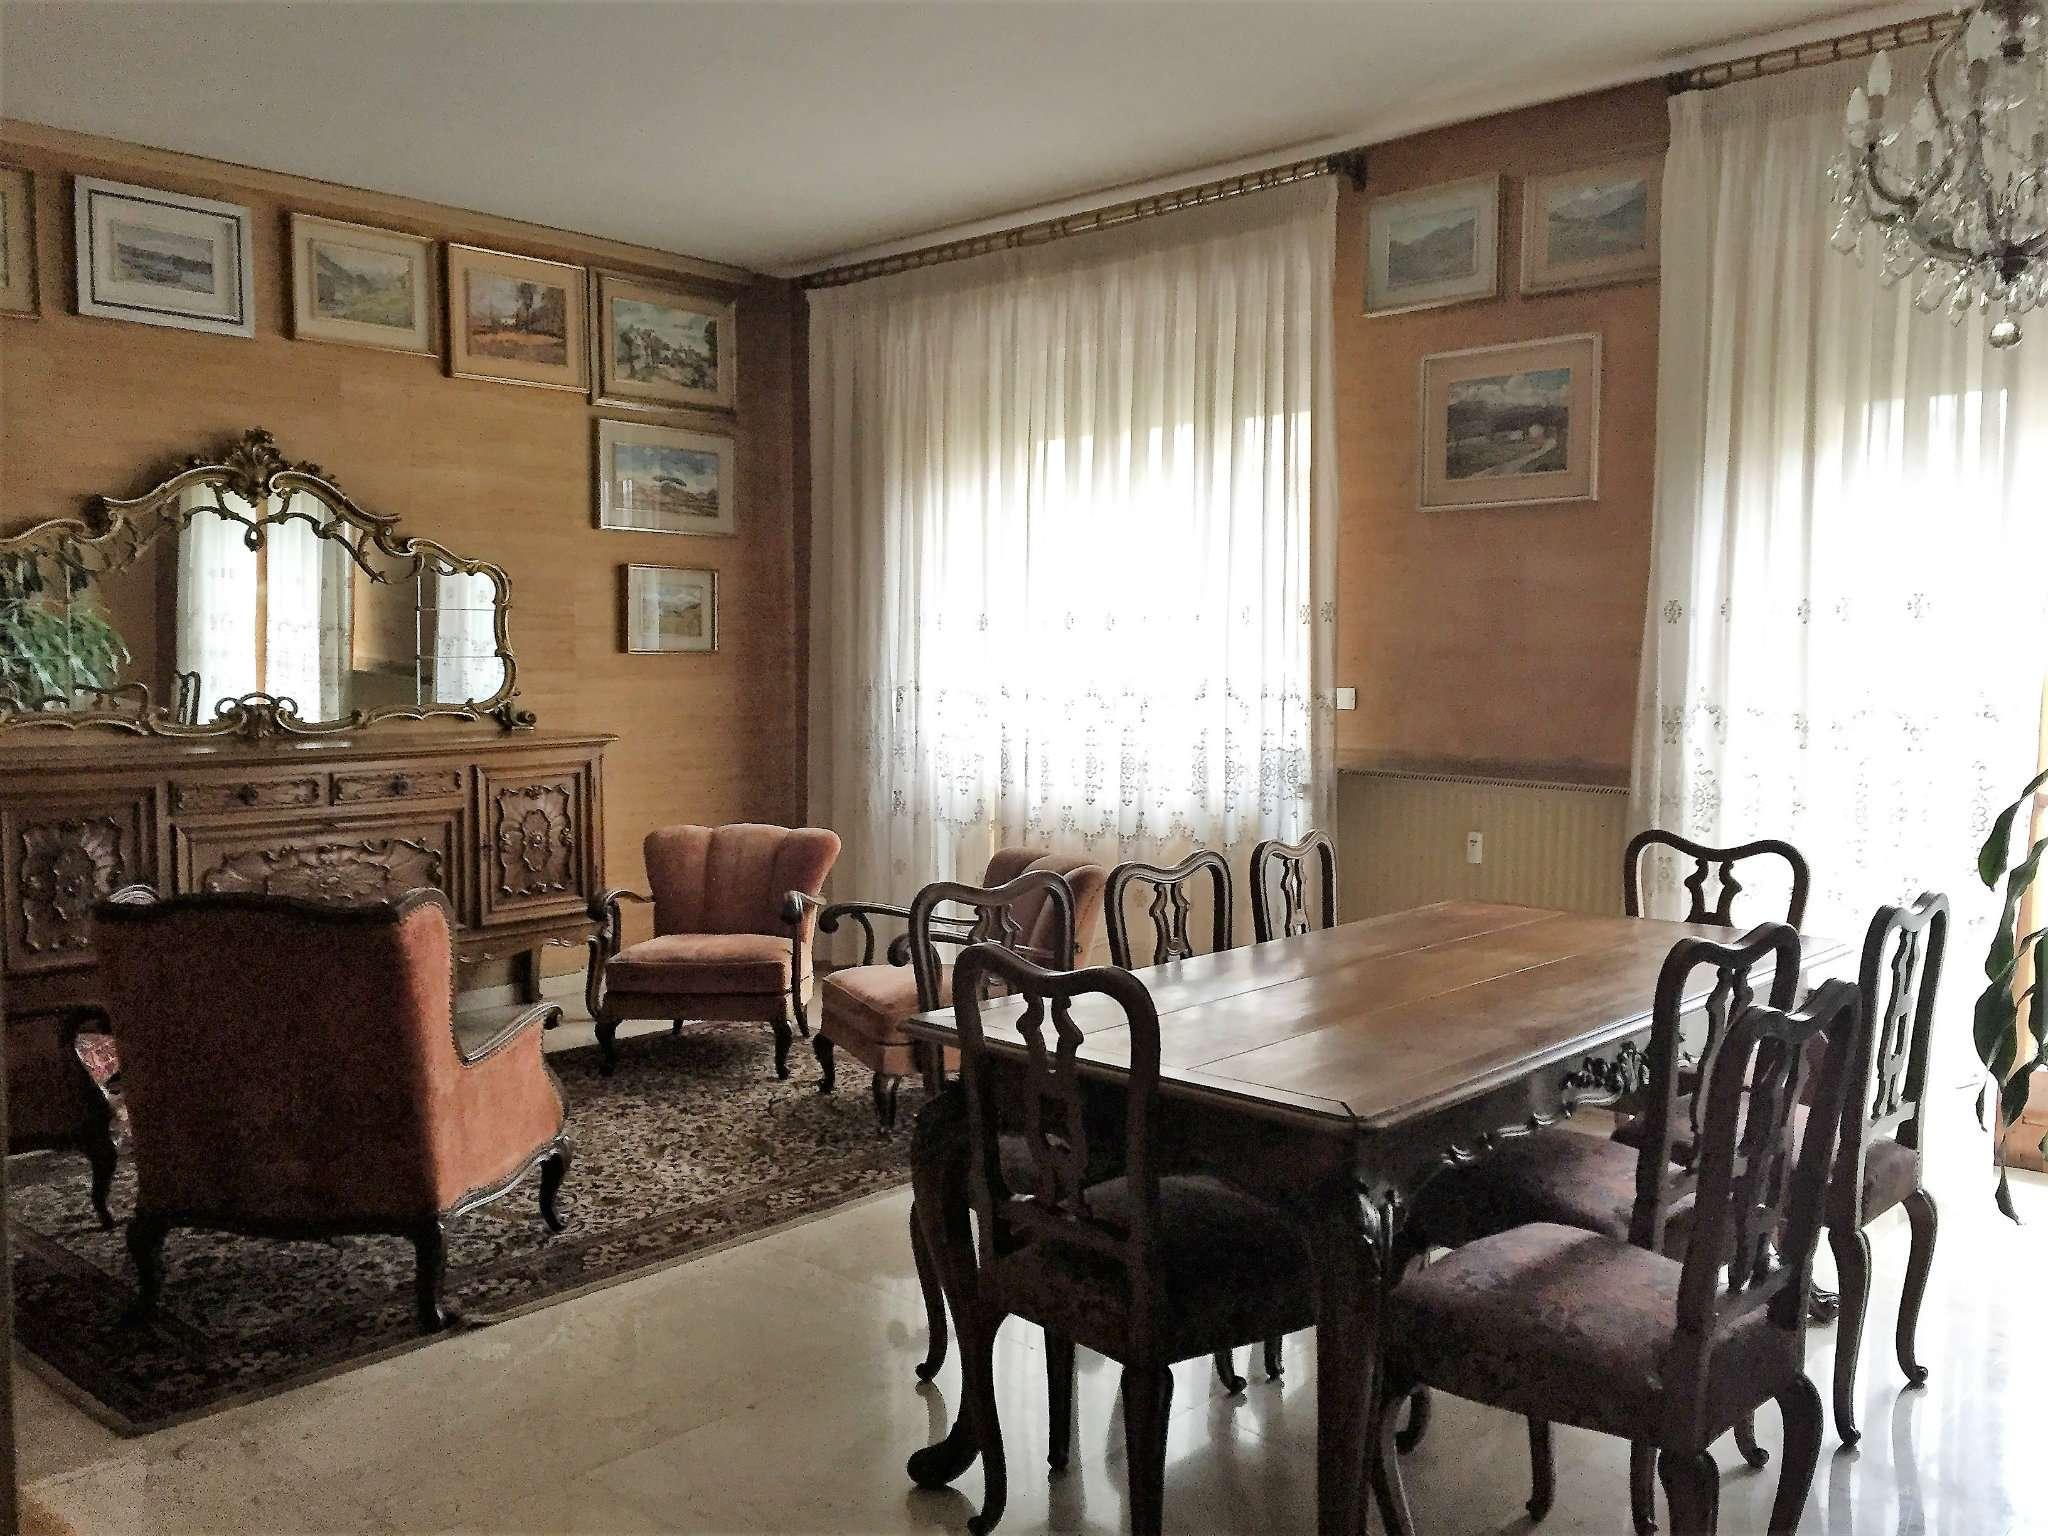 Foto 1 di Appartamento piazza Risorgimento 20, Torino (zona Cit Turin, San Donato, Campidoglio)